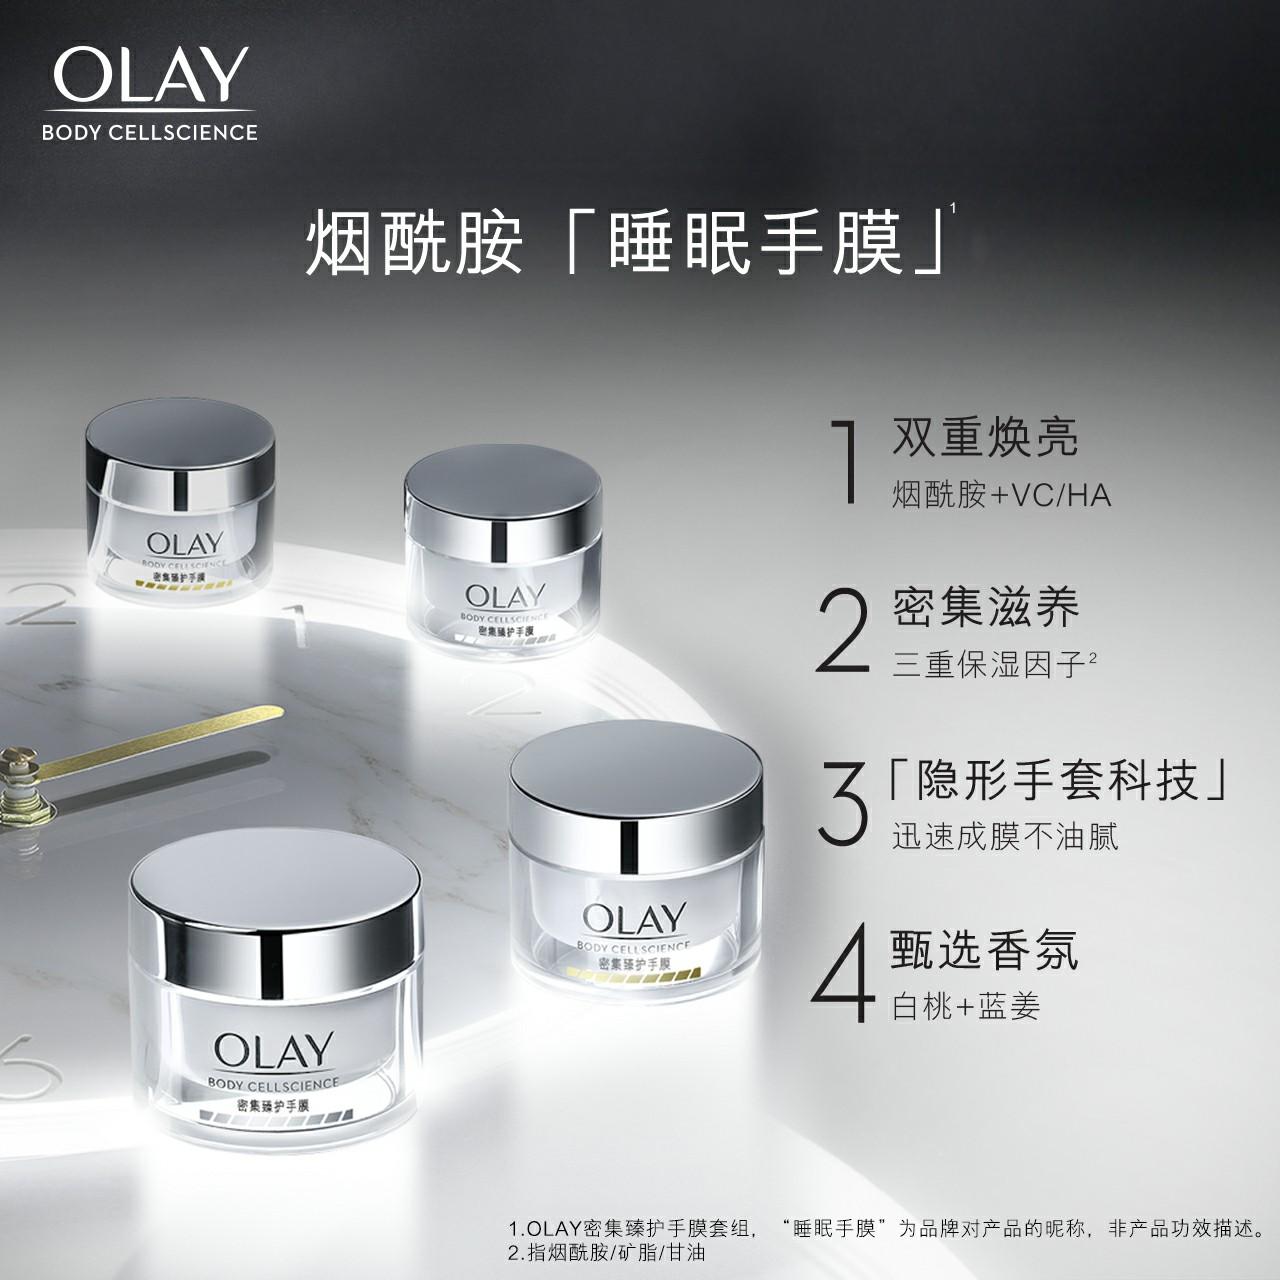 OLAY 玉兰油 烟酰胺手膜护理套装 15g*4罐 ¥54.5包邮